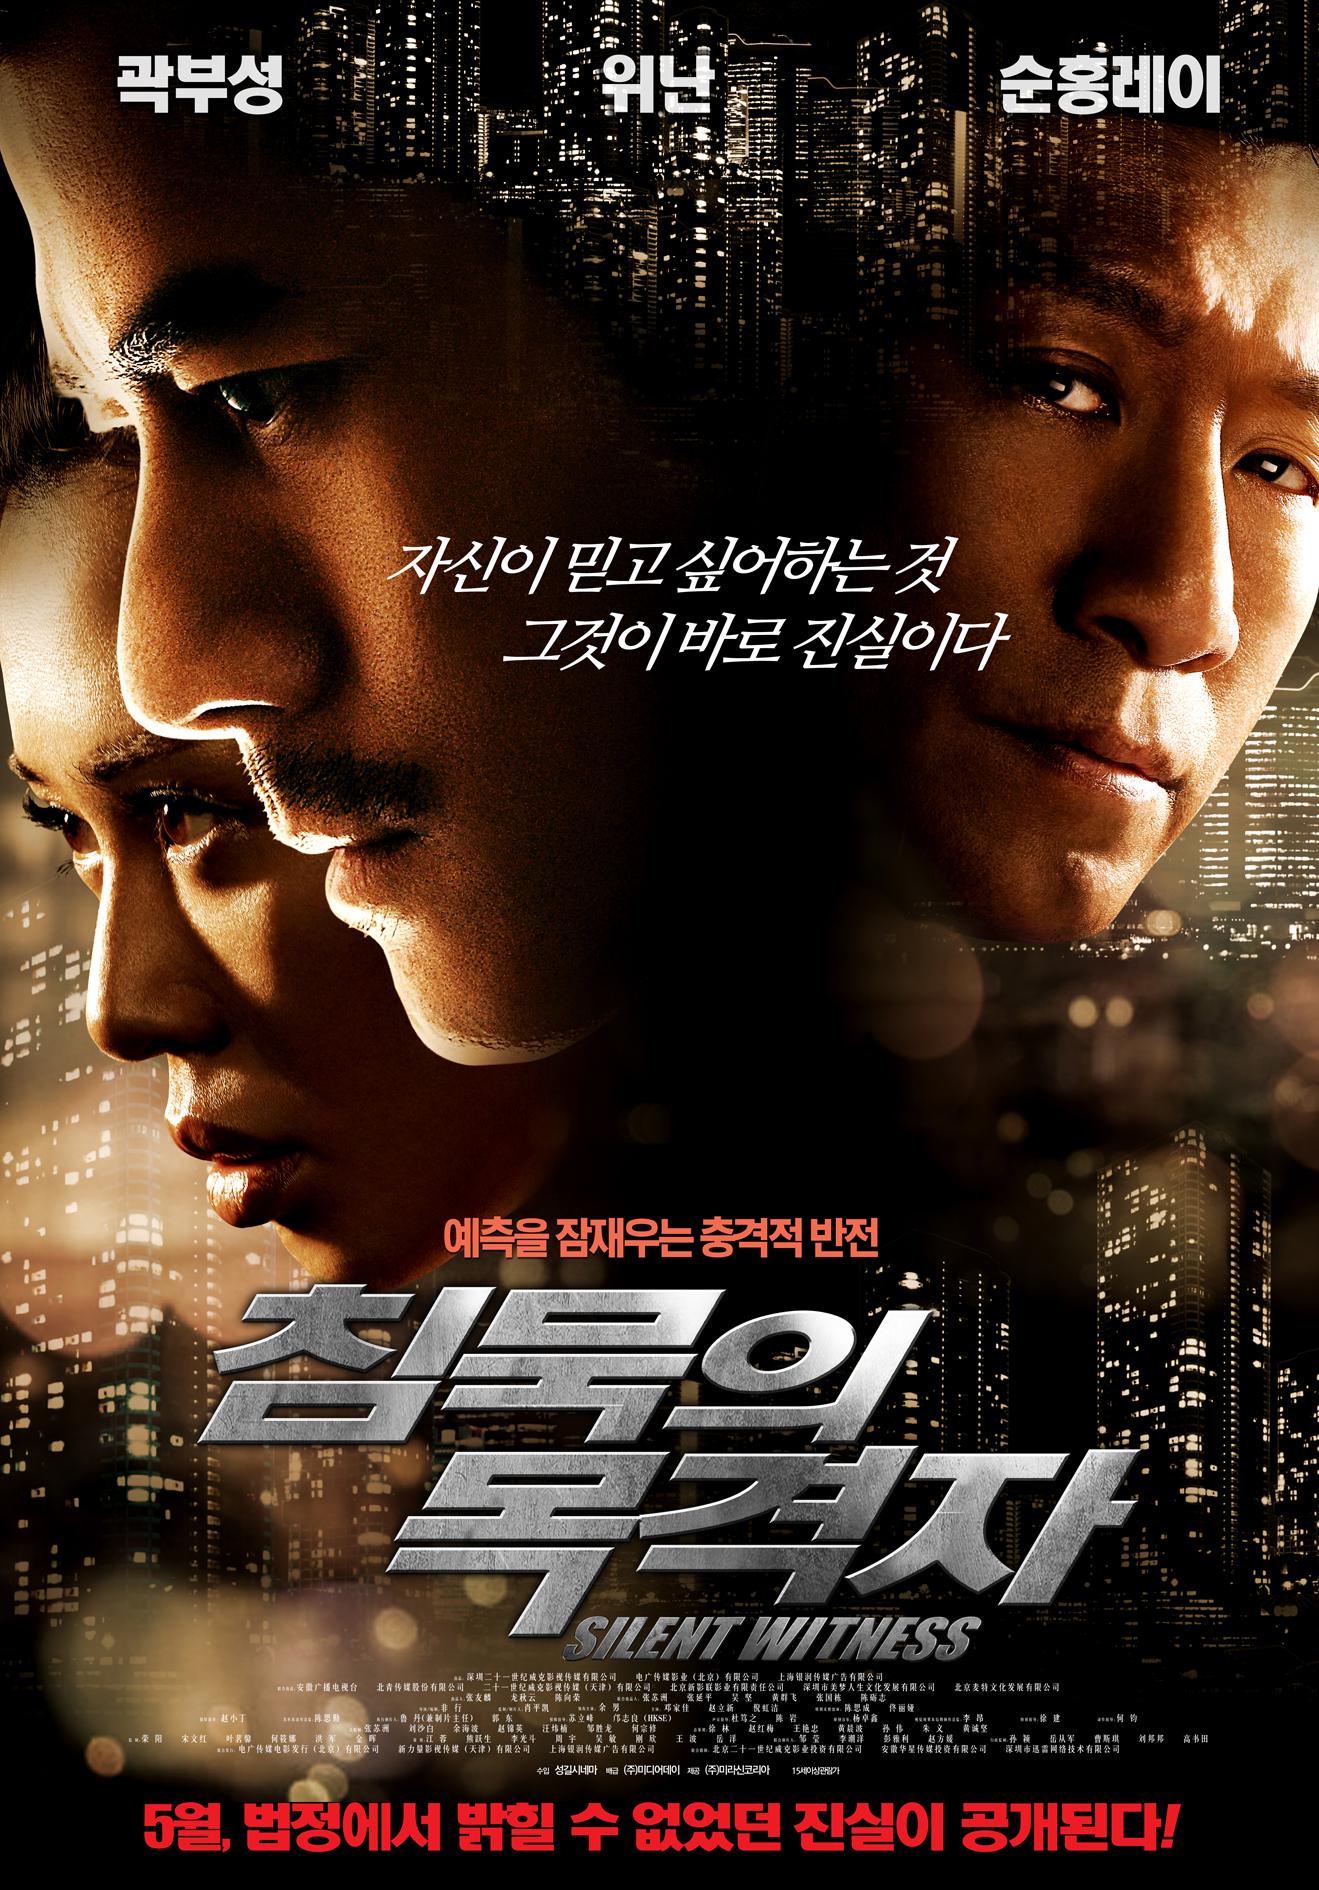 침묵의 목격자 (Silent Witness, 2014)